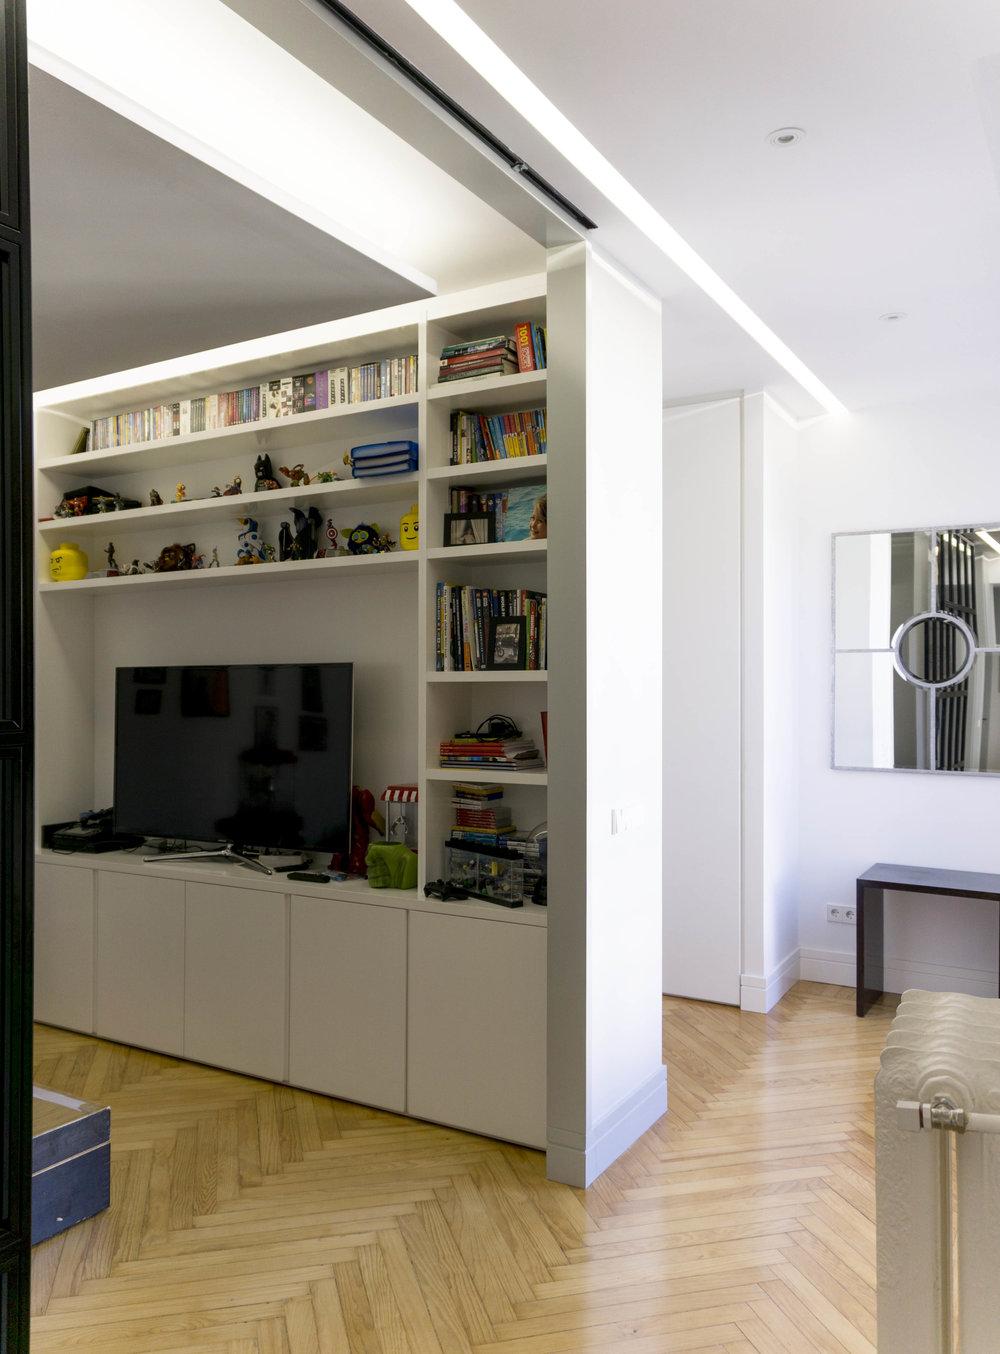 diseño reformas slow emmme studio 05 recibidor y sala de juegos vivienda Ayala SM.jpg